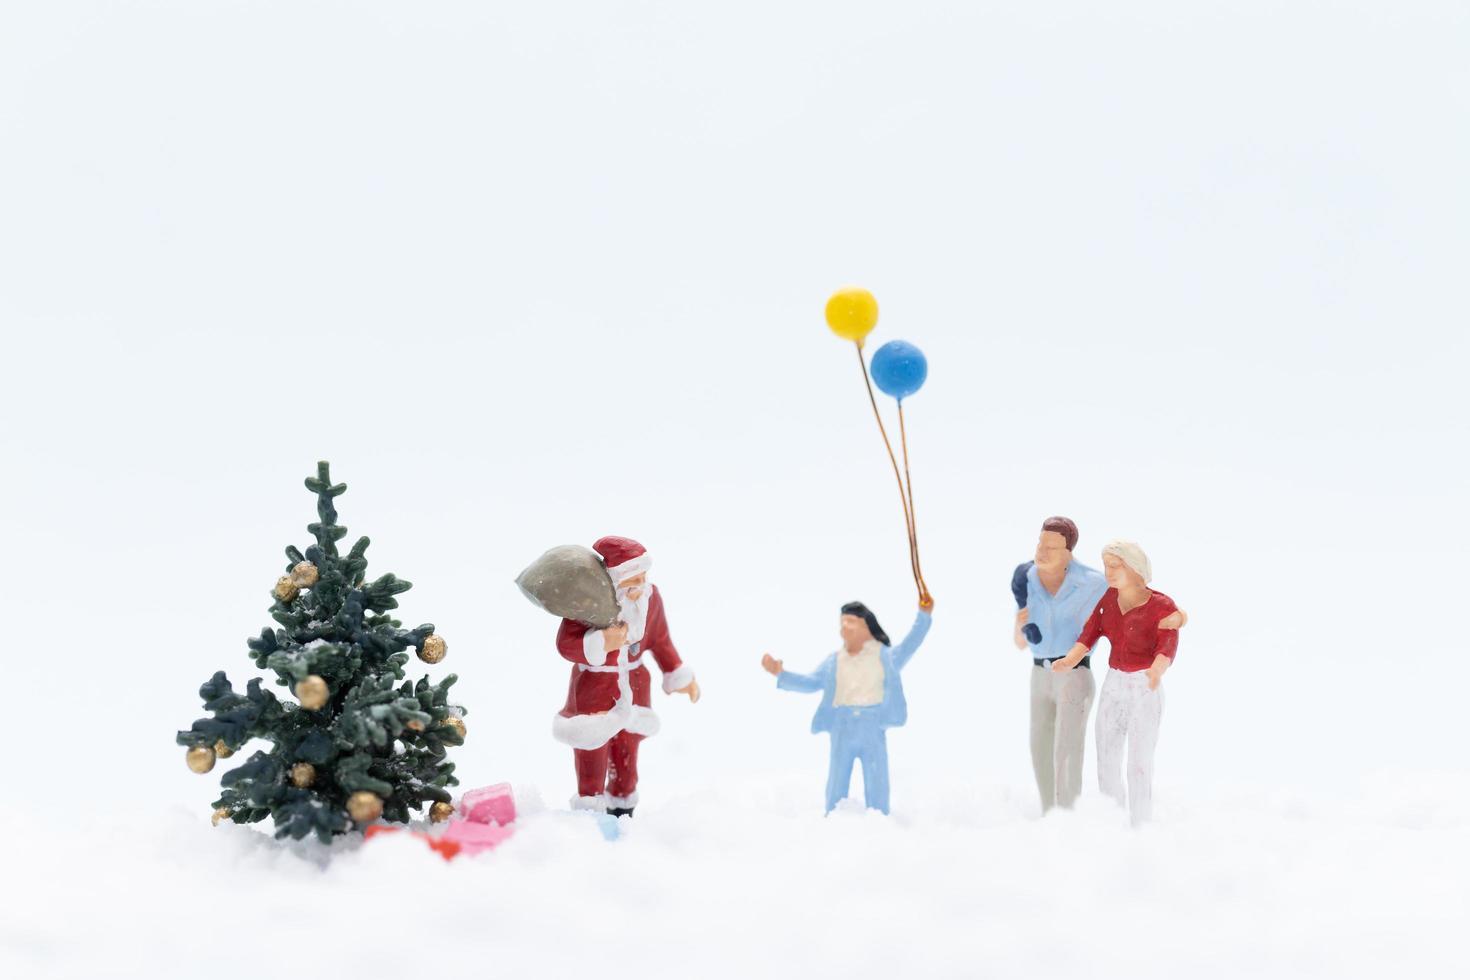 miniatyrfolk med jultomten med gåvor för barn, julkoncept foto